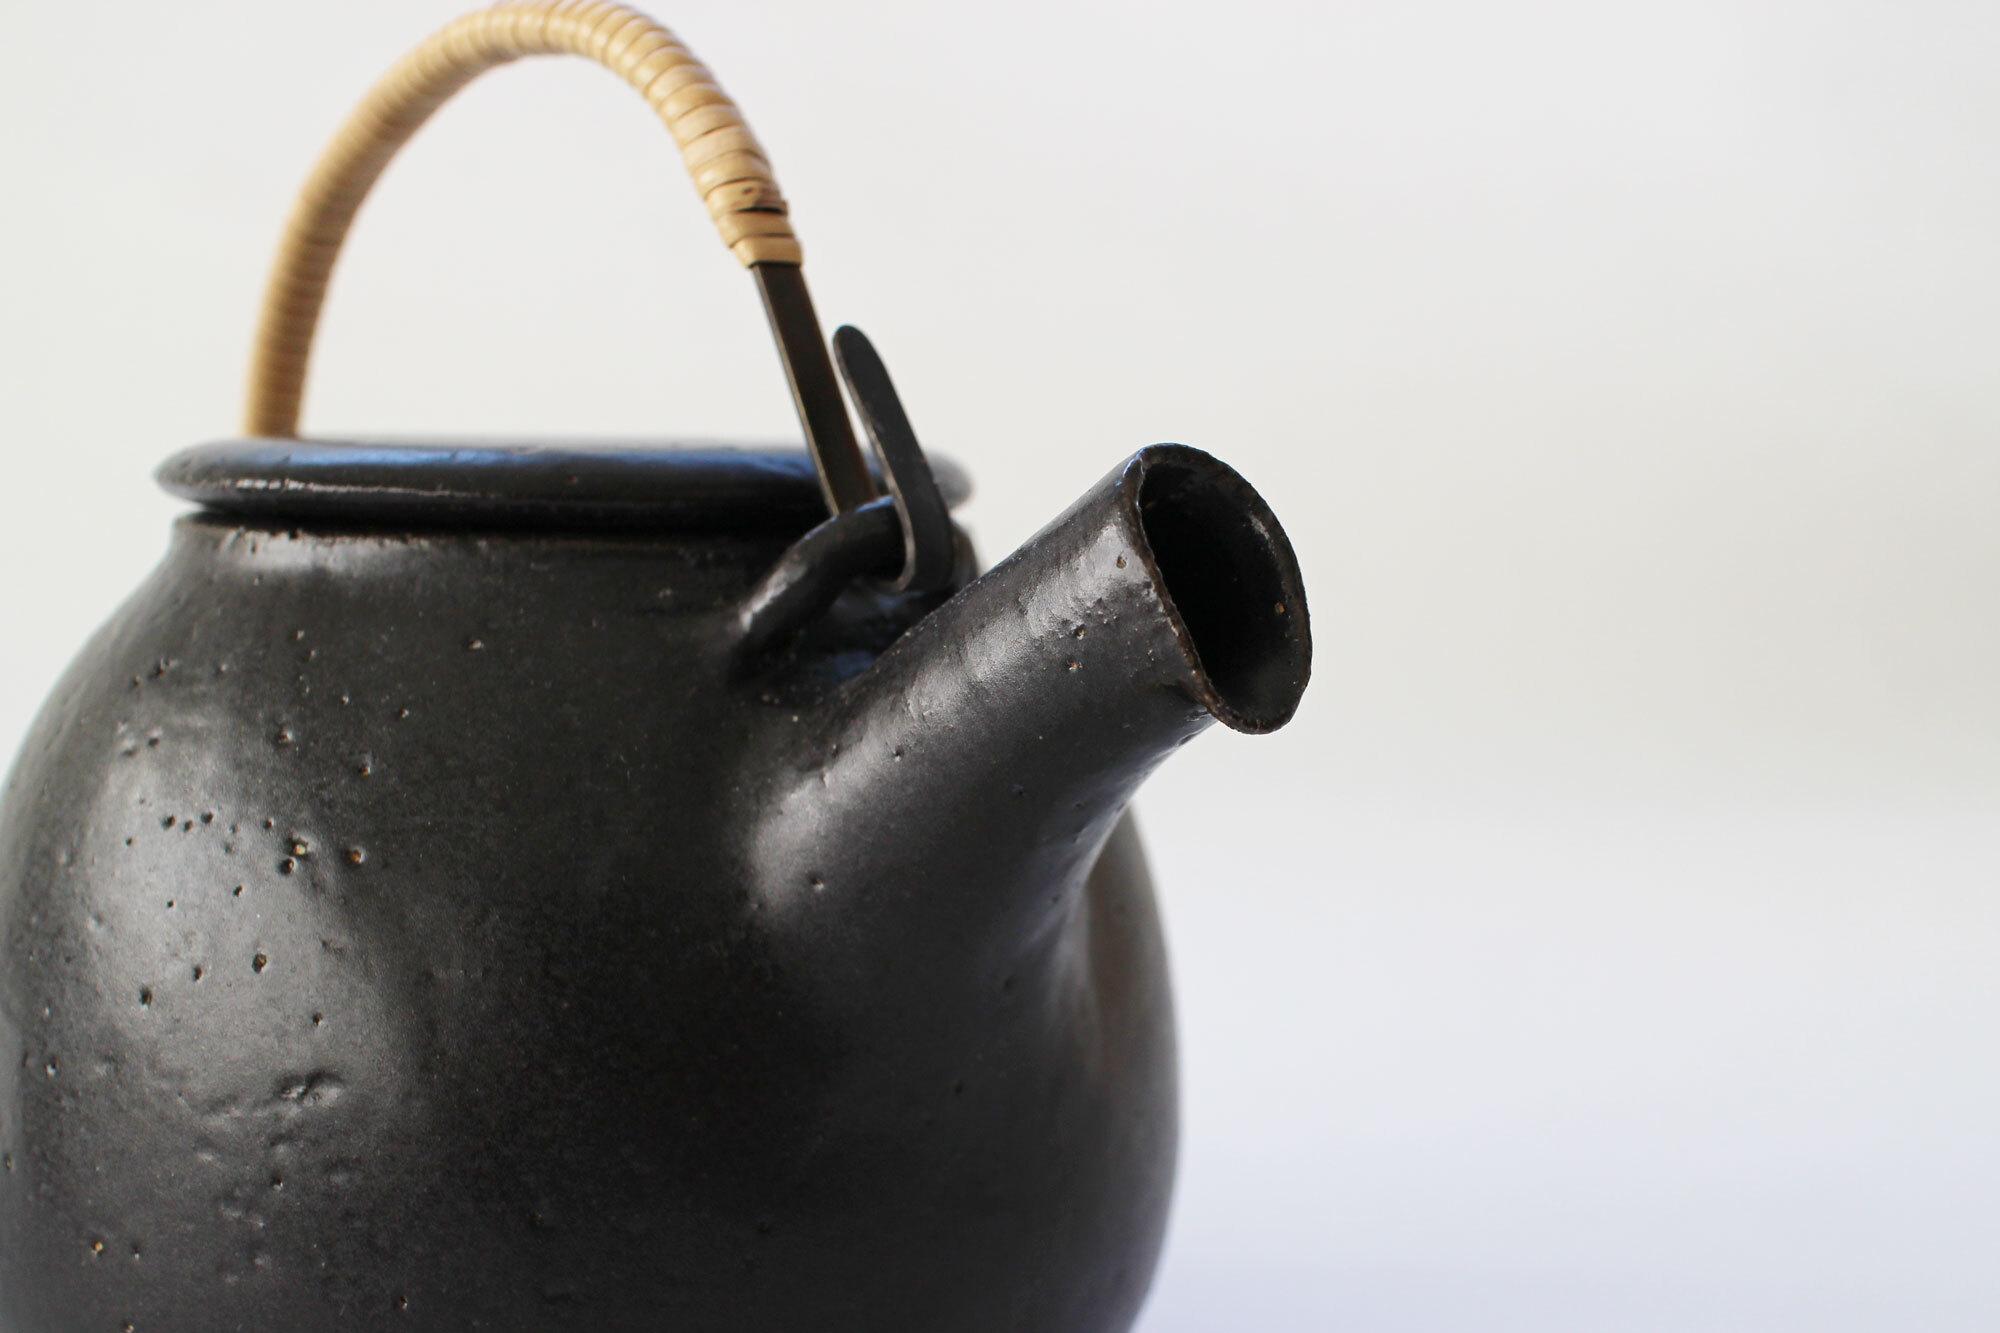 CANASA 土瓶 黒 蓋つまみなし